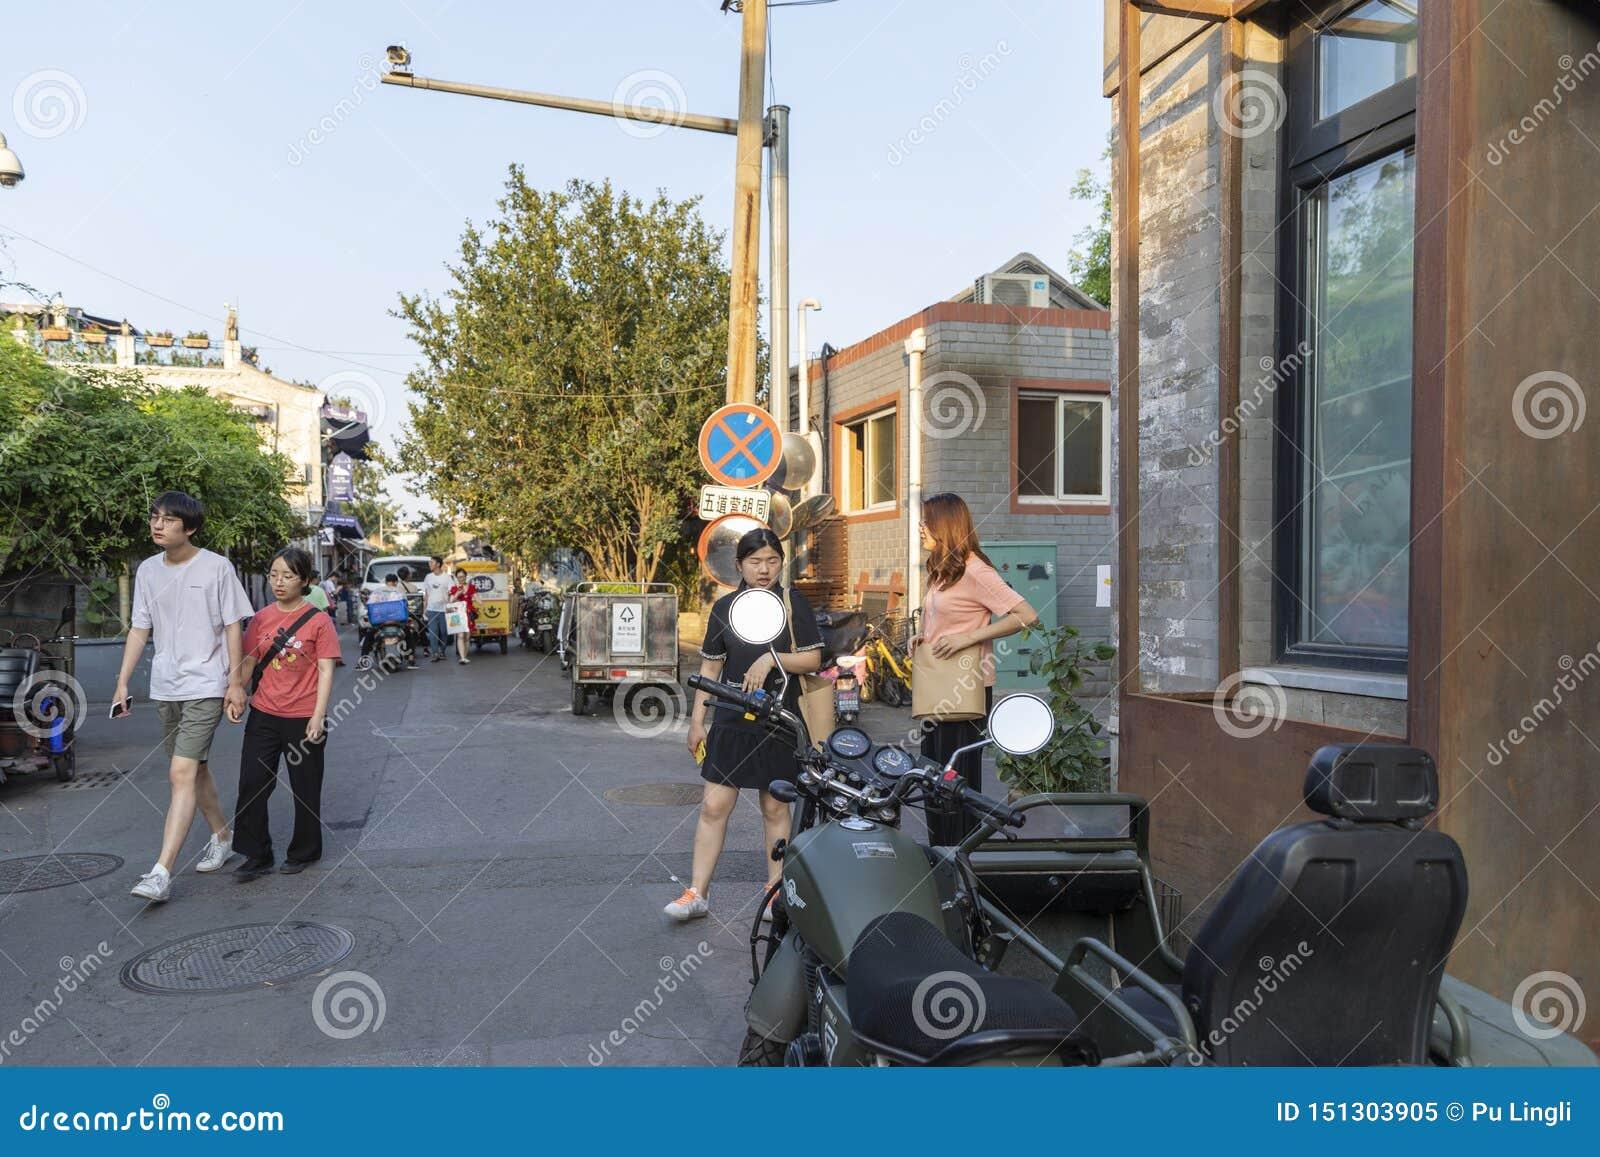 Το Wudaoying Hutong στο Πεκίνο, Κίνα, είναι ένα από τα εμπορικά hutongs στο Πεκίνο